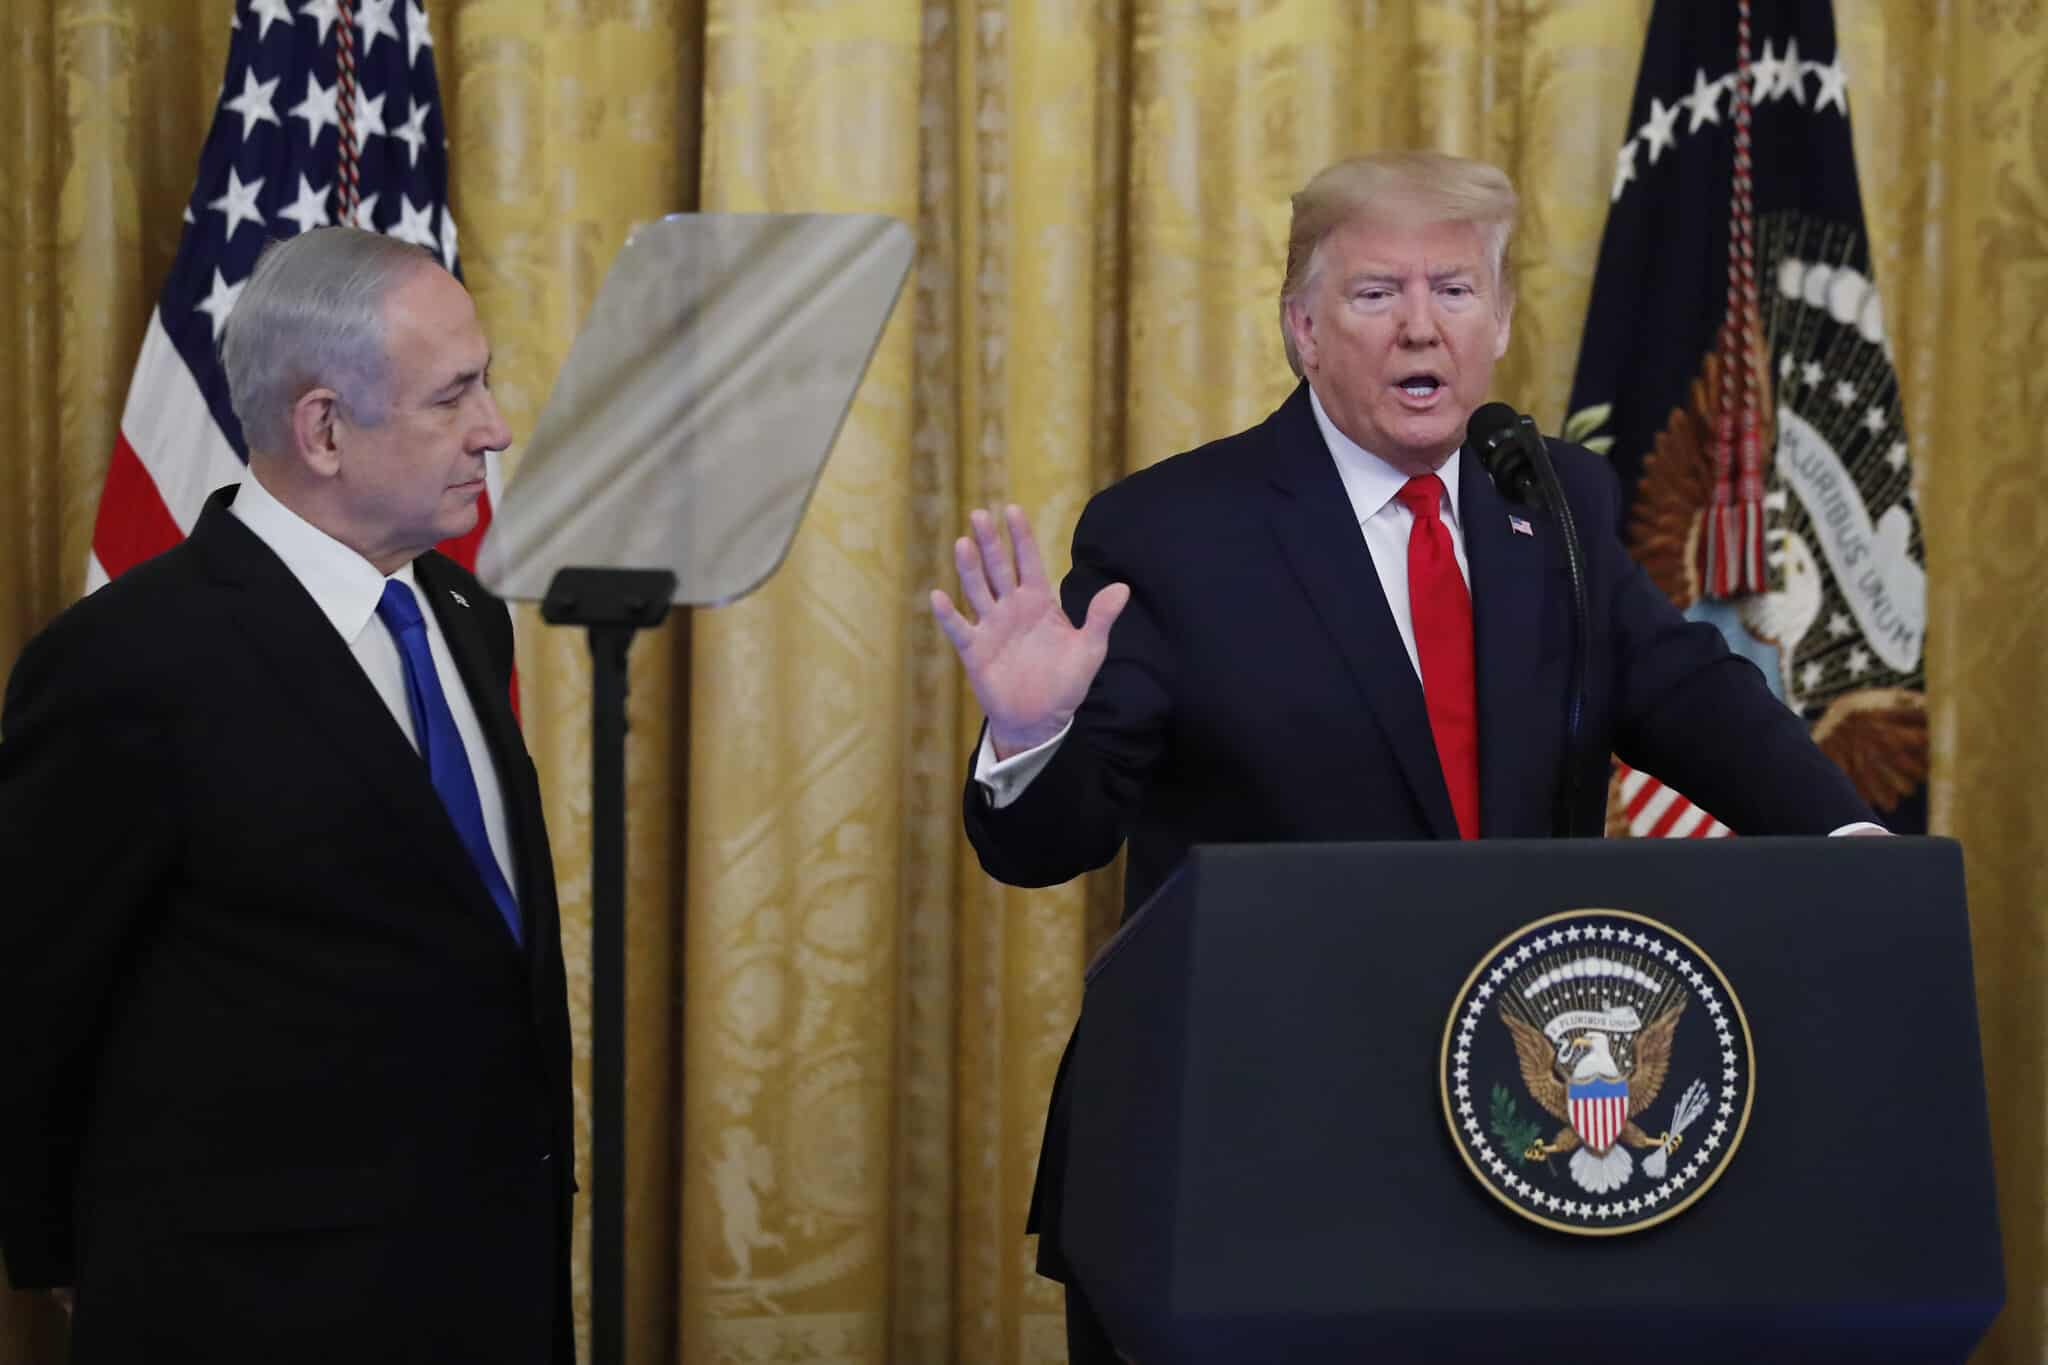 הנשיא טראמפ (מימין) וראש הממשלה נתניהו בעת הצגת תוכנית הממשל לישראל ולפלסטינים, 28 בינואר 2020 (צילום: Alex Brandon, AP)